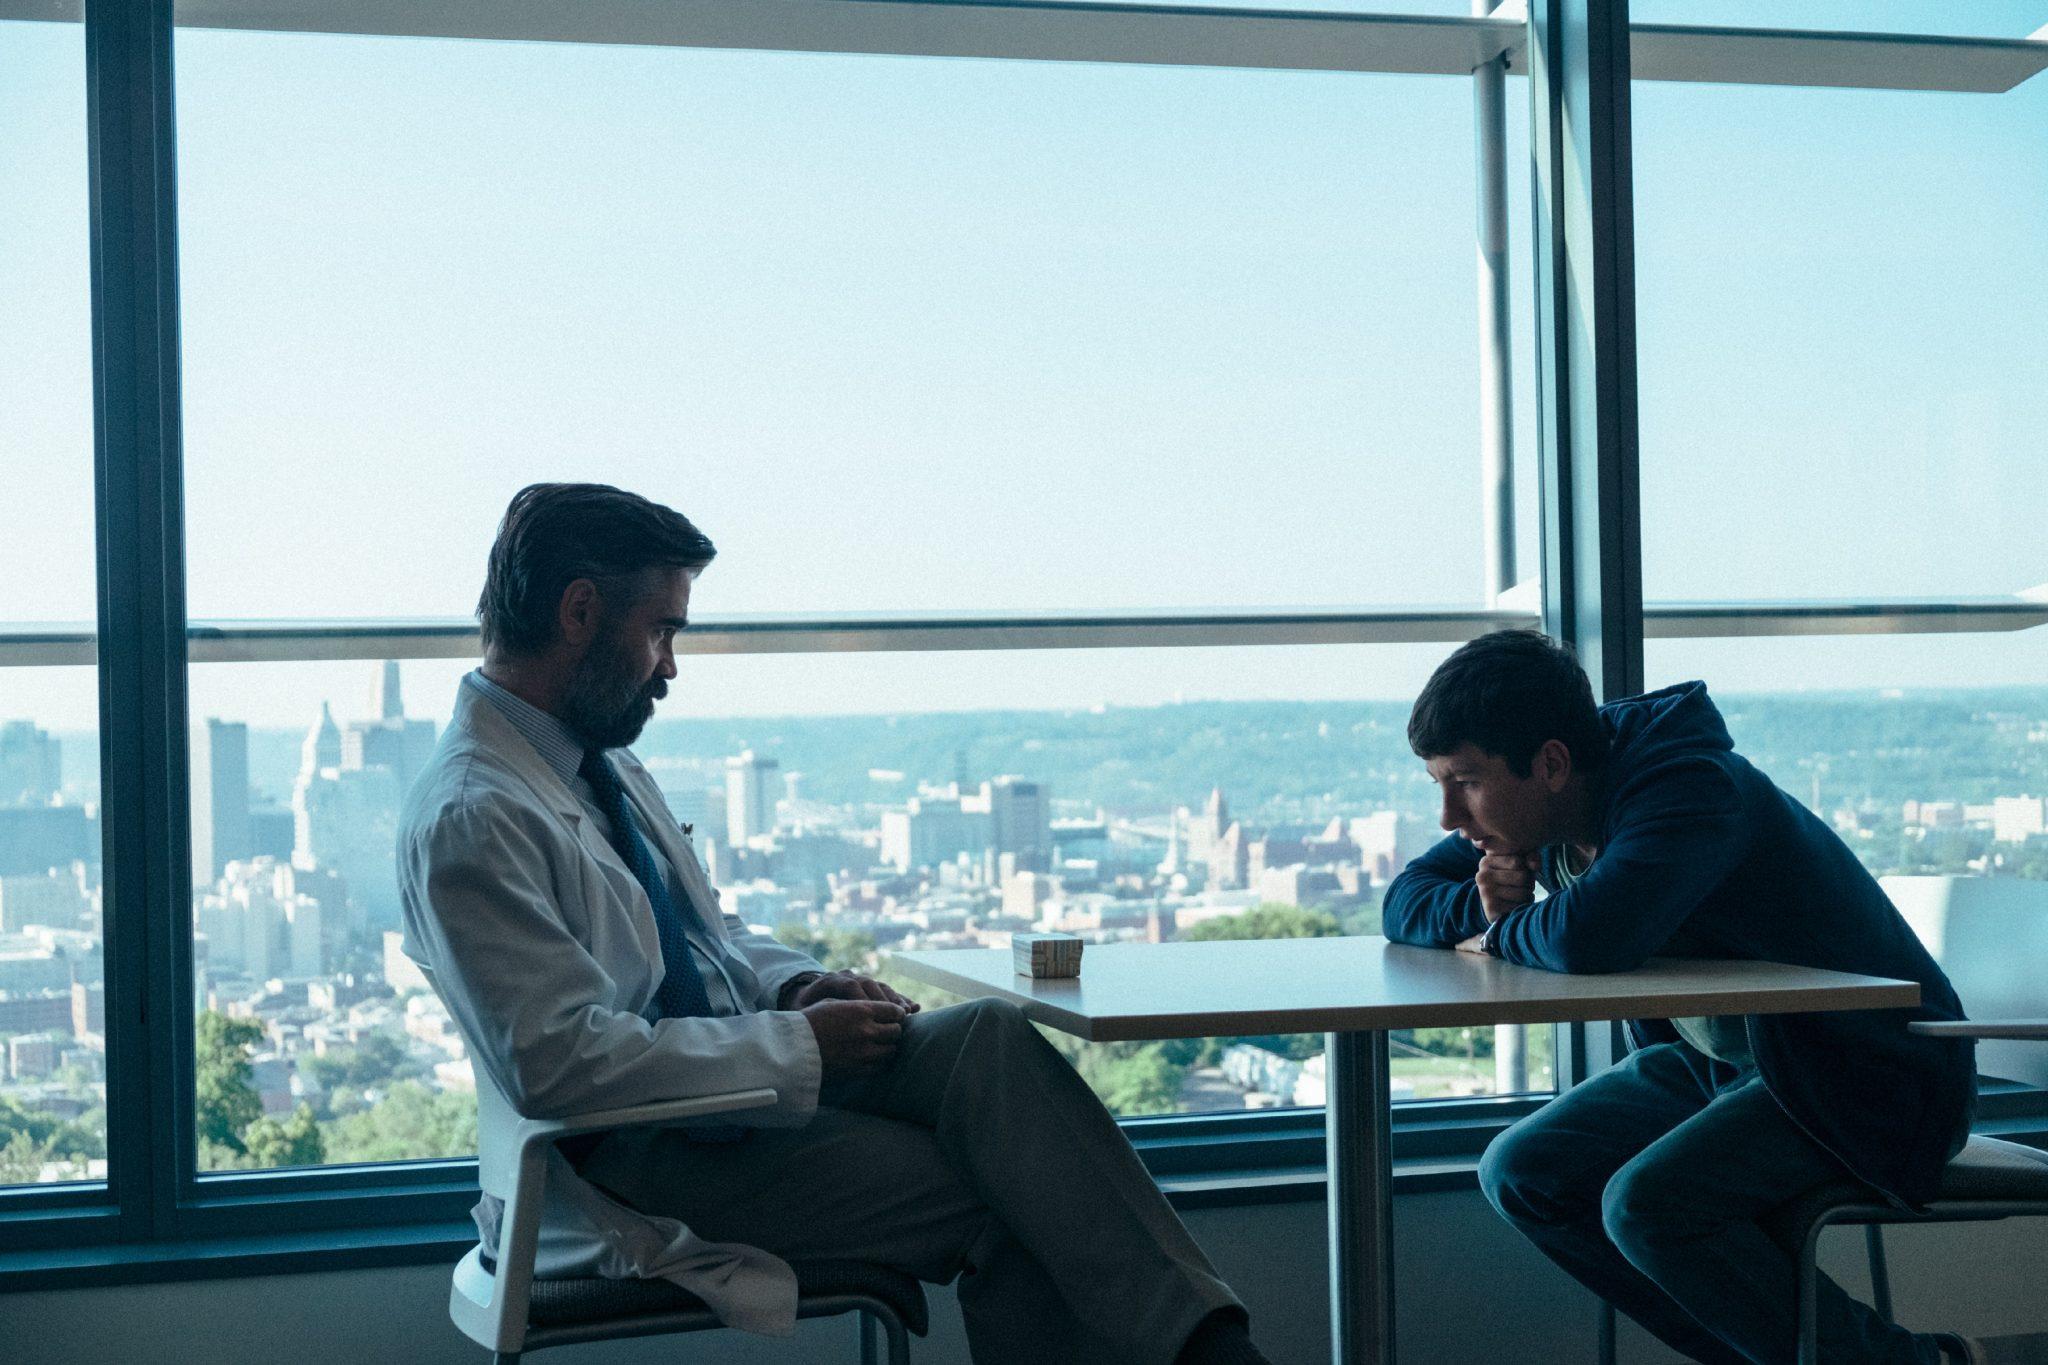 Steven (Colin Farrell) erfährt Unheilvolles von Martin (Barry Keoghan) in The Killing of a Sacred Deer, einem der besten A24-Filme.